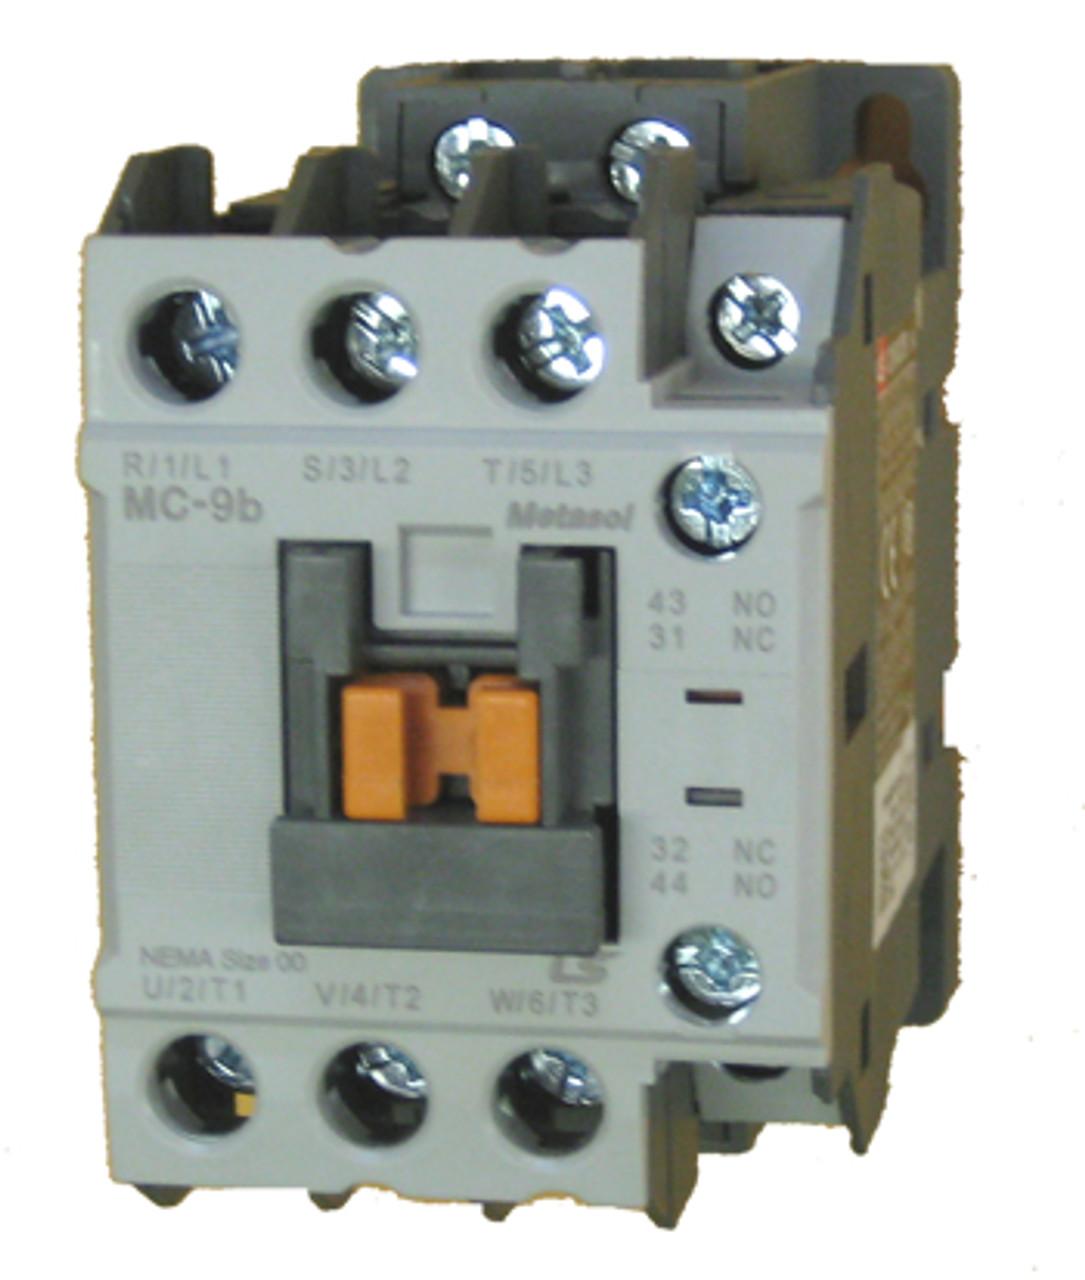 [SCHEMATICS_4LK]  LS MC-9B-AC240 Metasol 9 AMP contactor | 240 volt AC coil | 240 Volt Contactor Wiring Diagram Schematic |  | Kent Industries Inc.